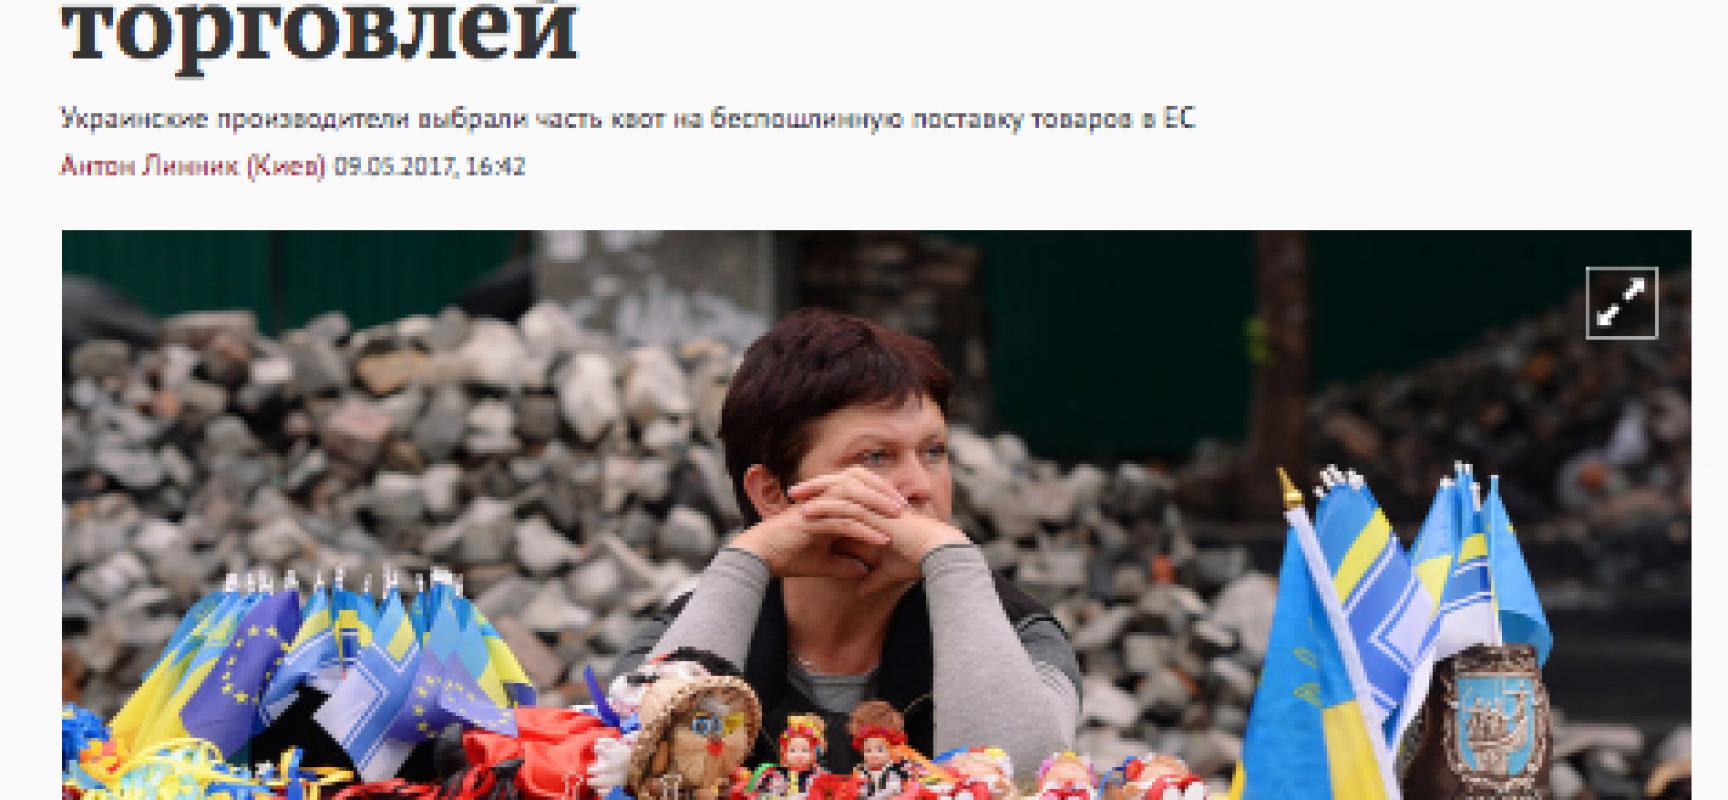 Fake: Il commercio con l'Unione Europea non è vantaggioso per l'Ucraina